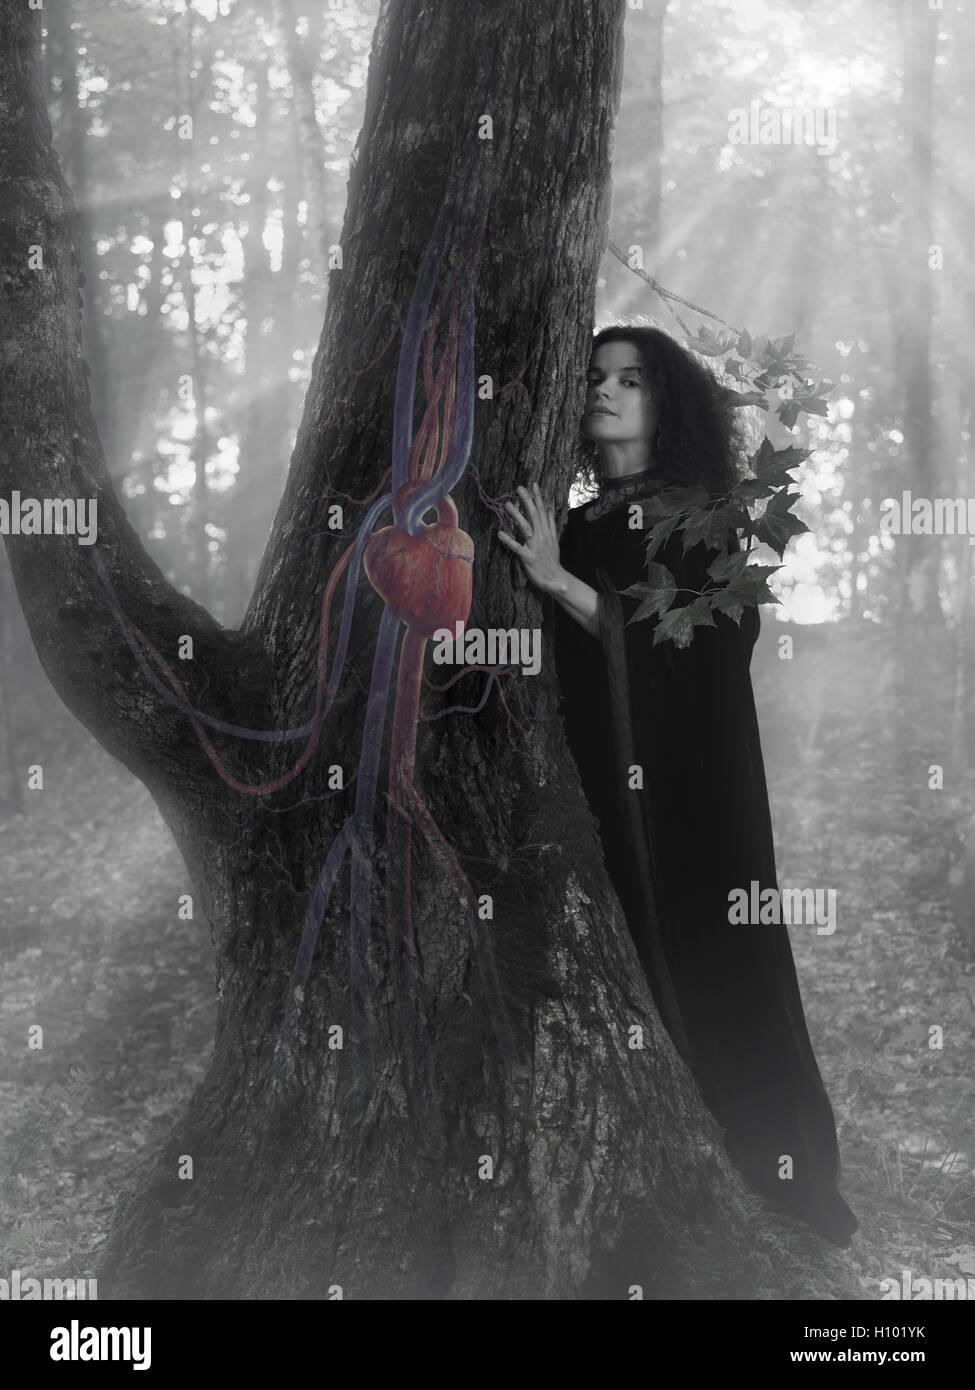 Donna druido della foresta ascoltando il battito cardiaco di un albero concettuale artistico foto in bianco e nero Immagini Stock